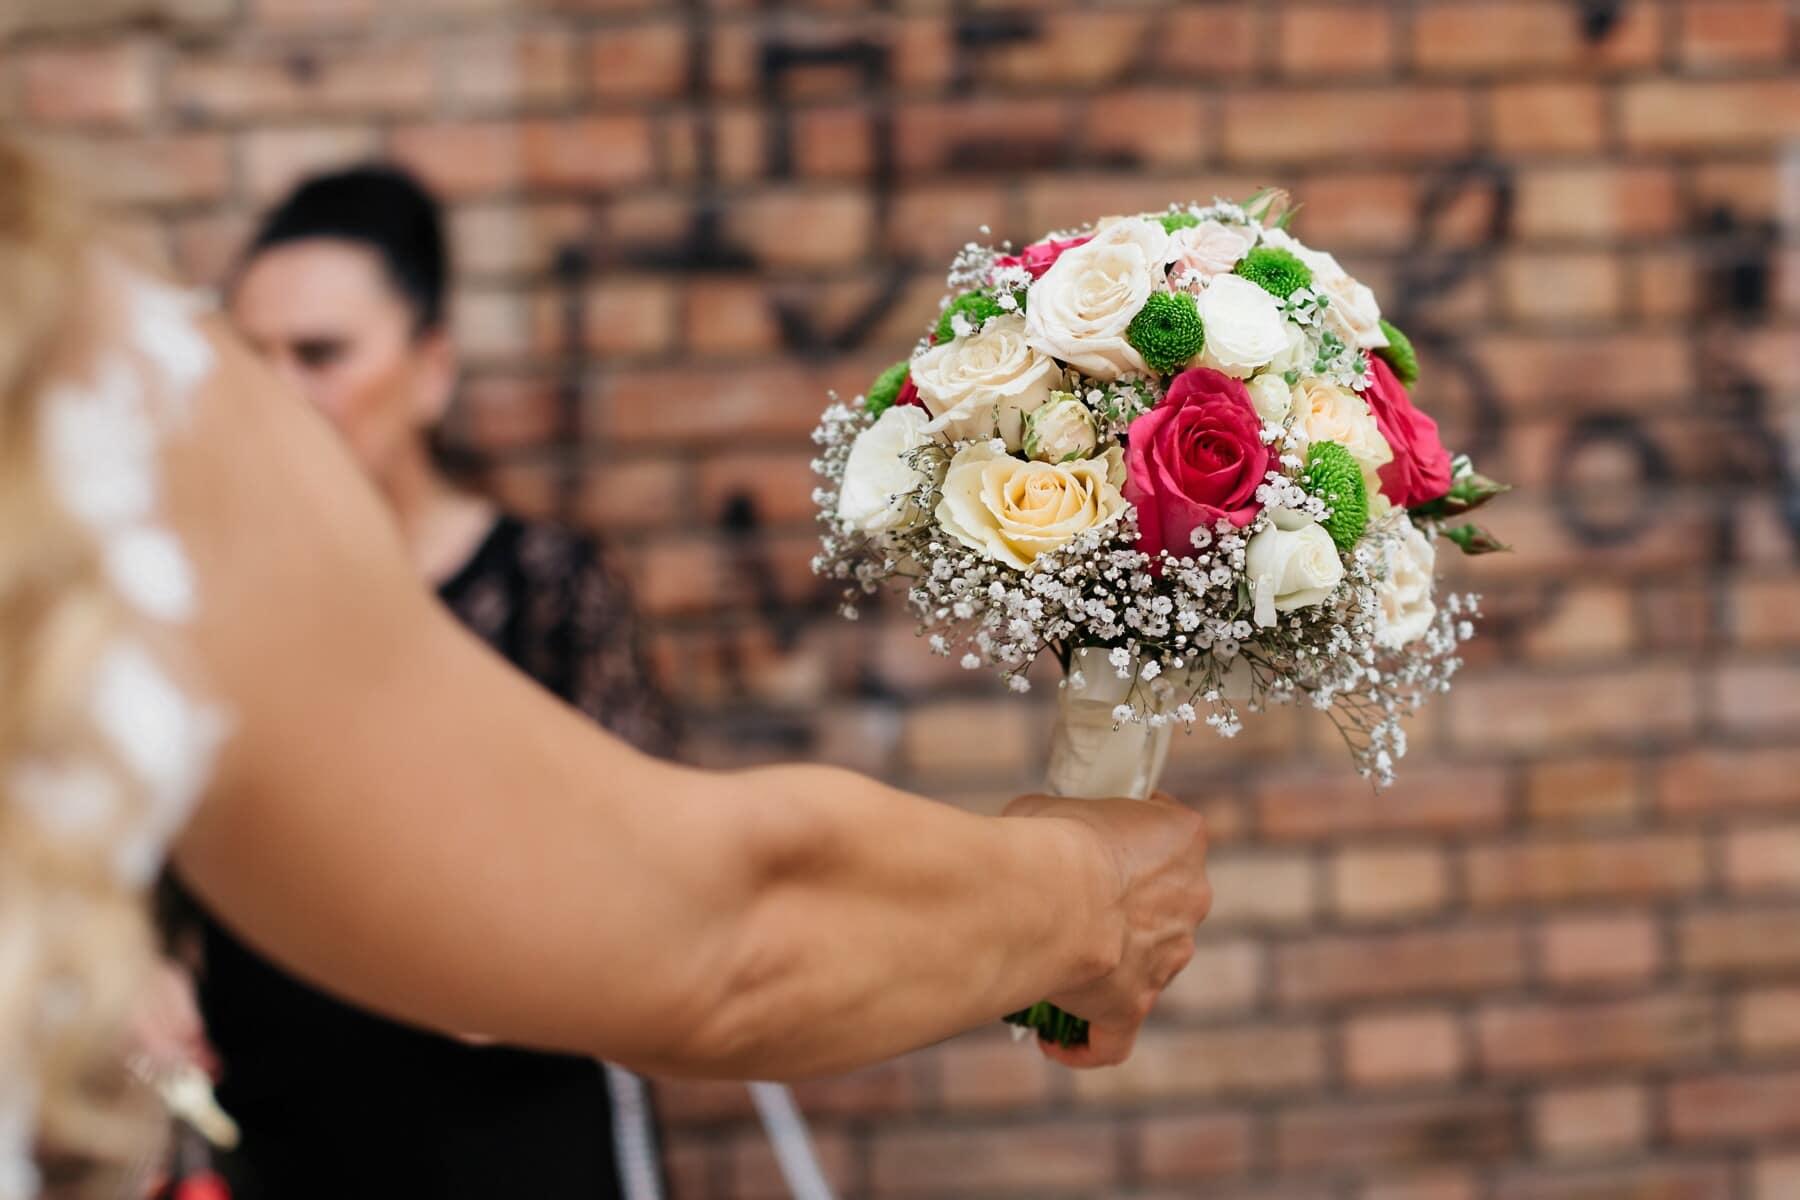 nevěsta, svatební kytice, ručně vyráběné, ruka, svatba, romantika, kytice, žena, láska, obřad